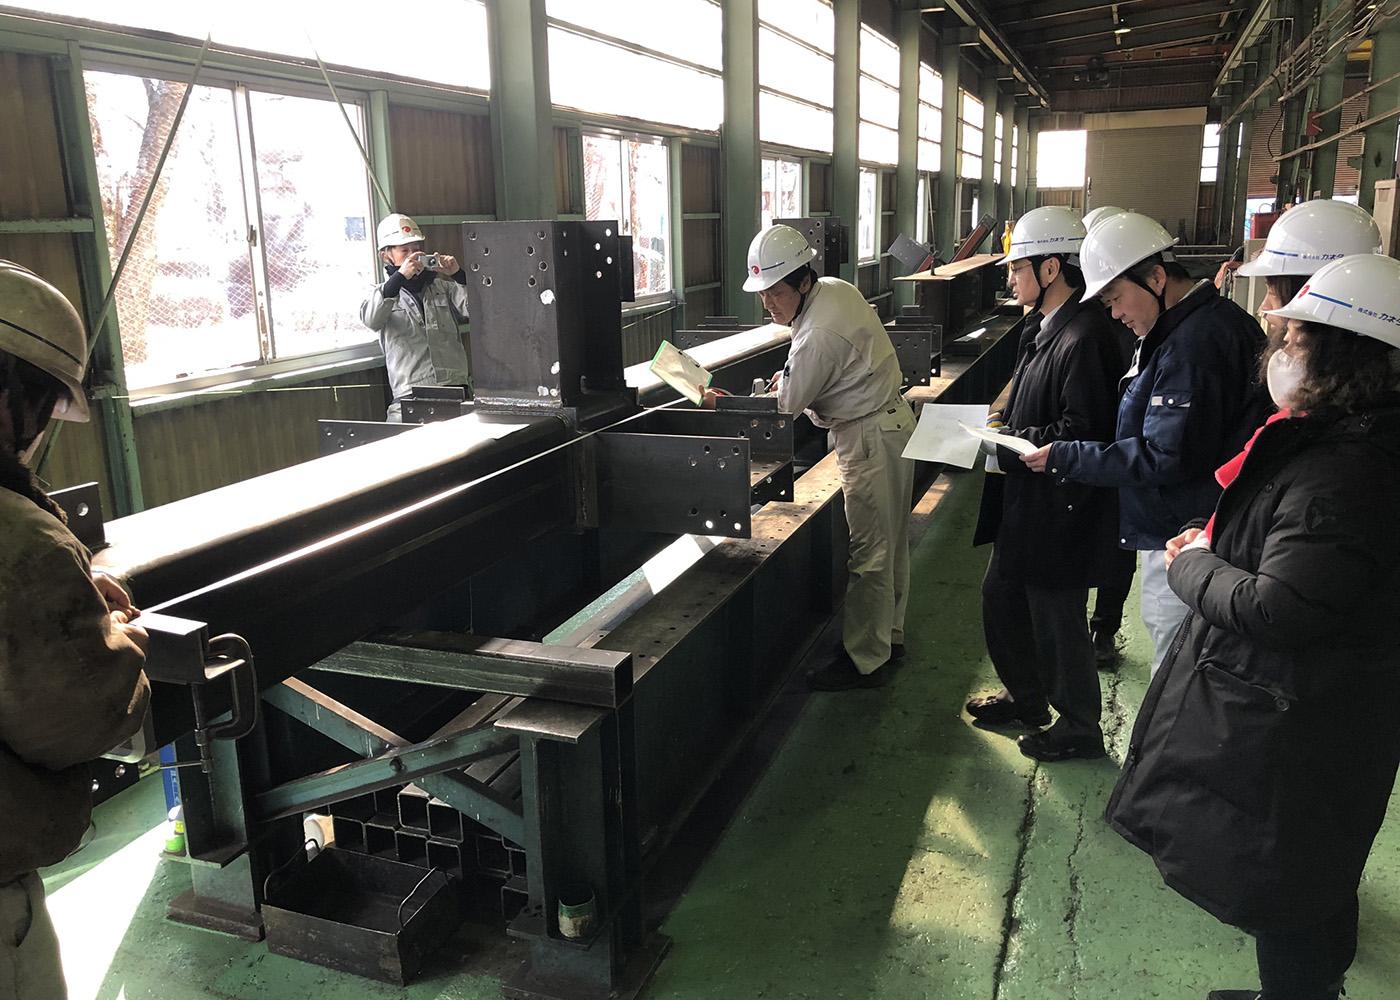 鉄骨製品検査 長野の工場まで同行していただきました。